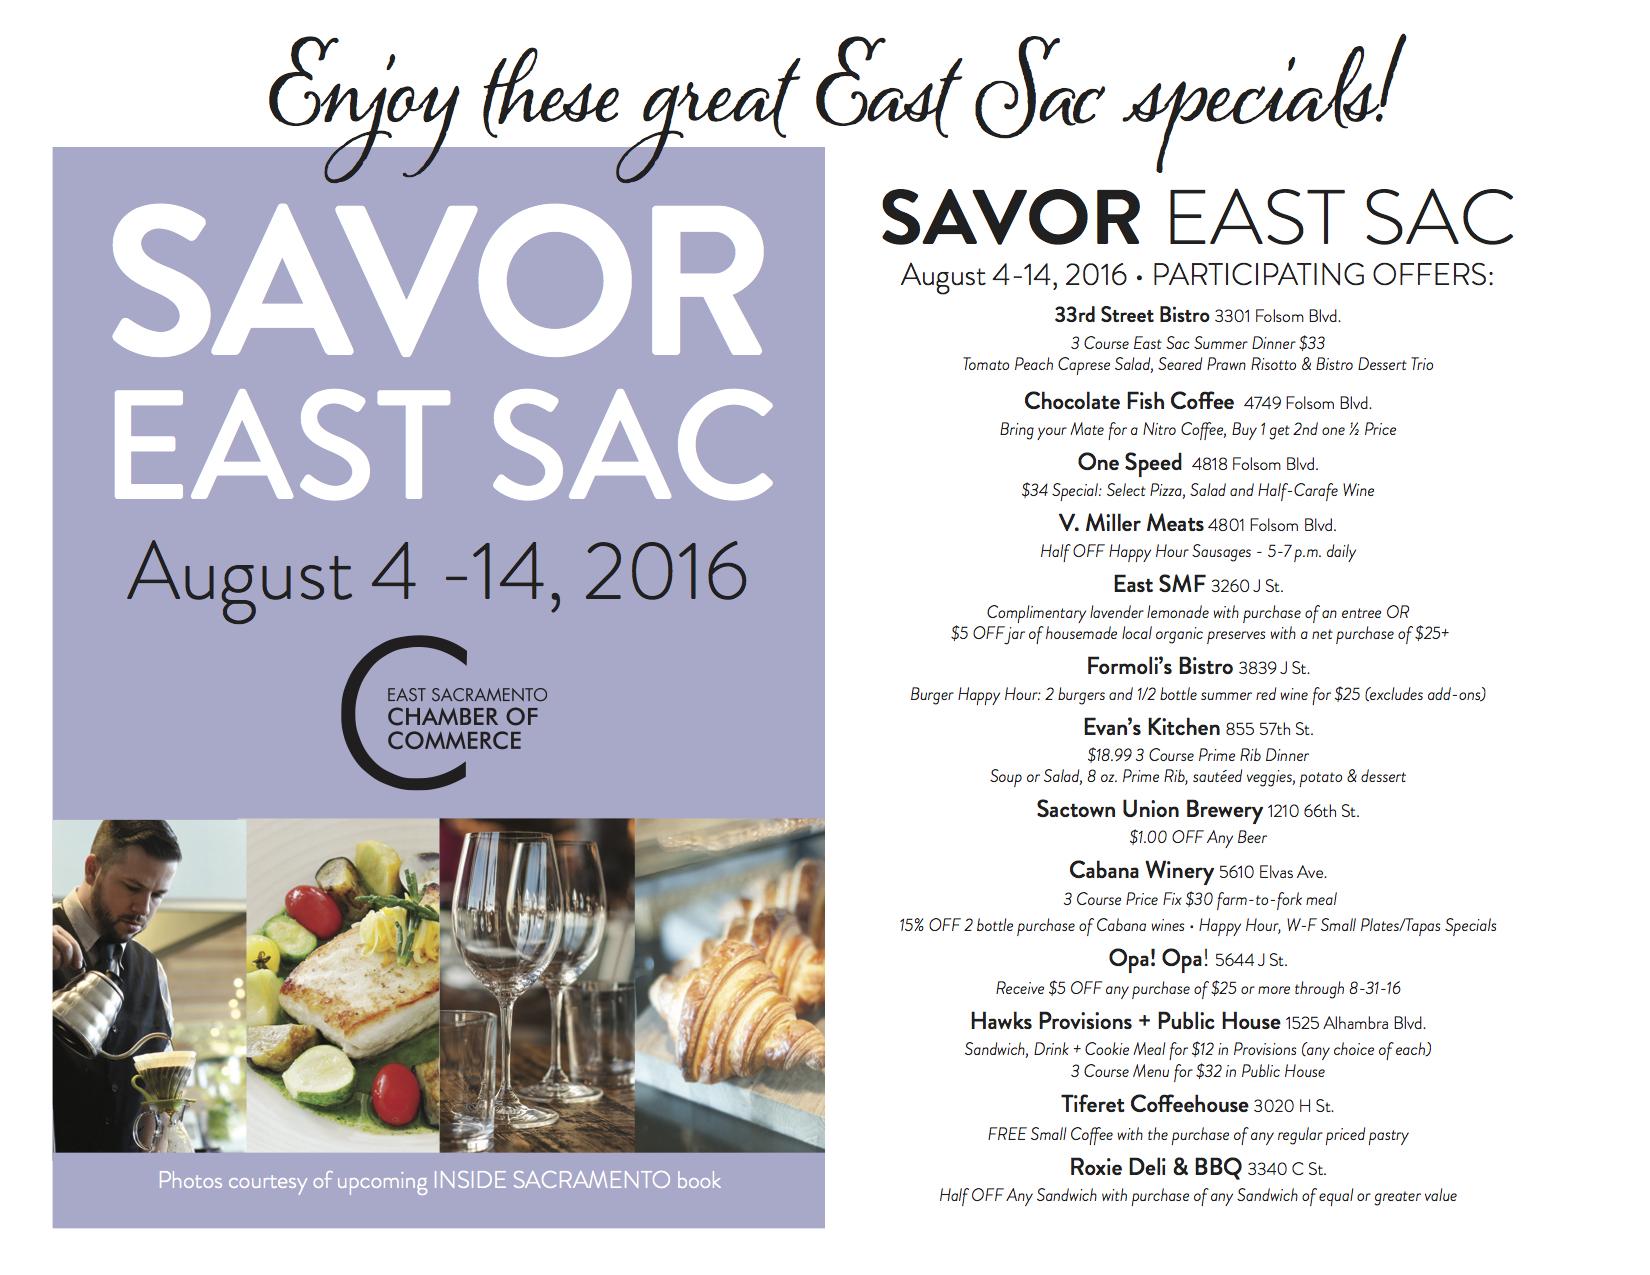 Savor East Sac 2016